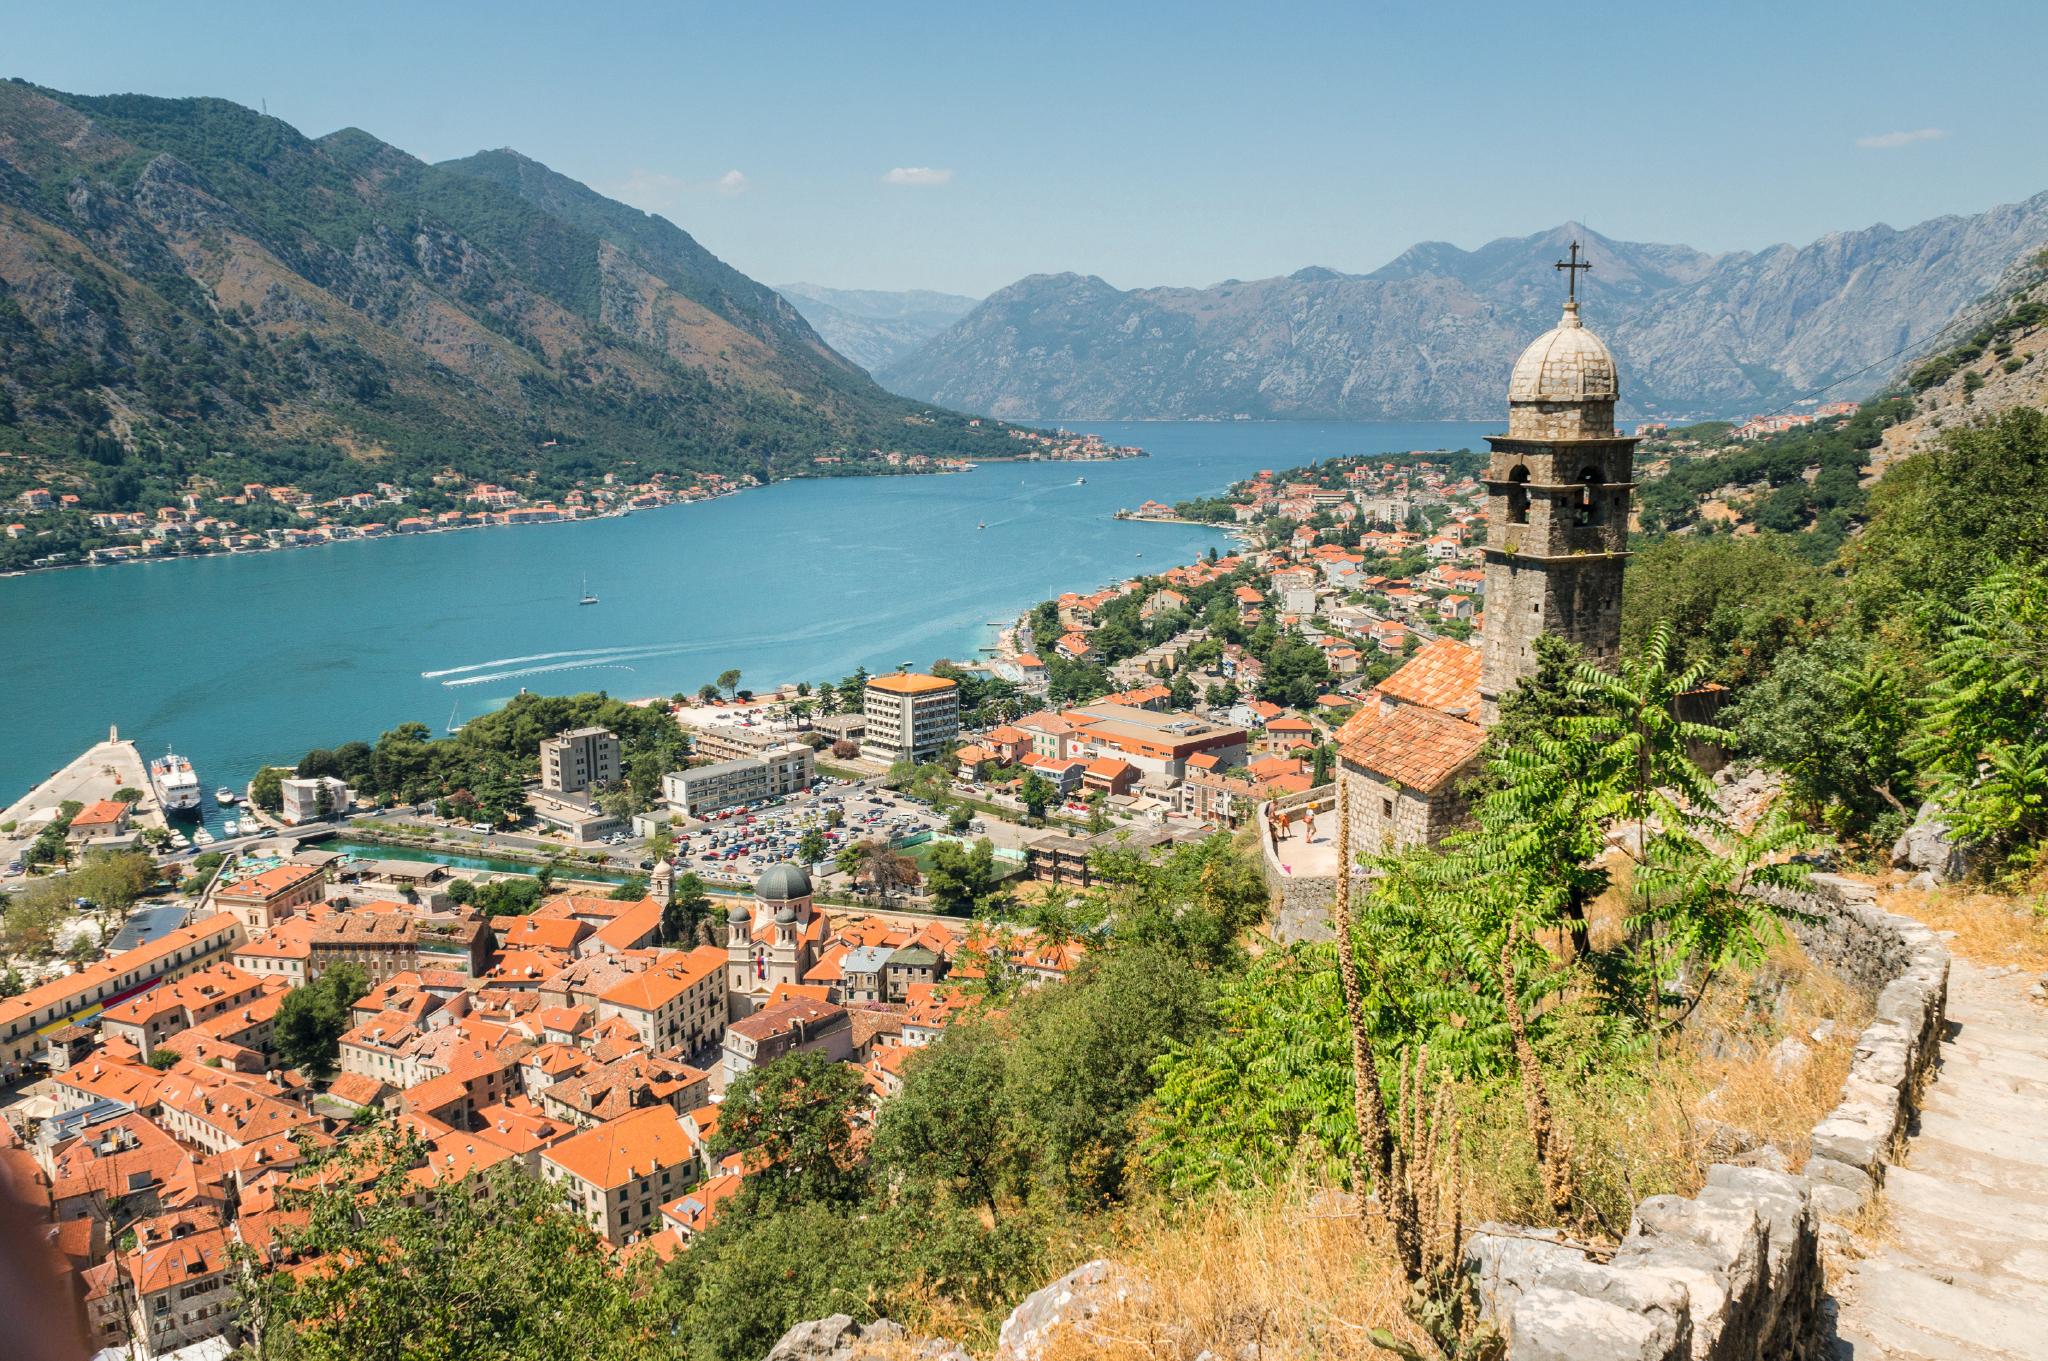 Kroatien-montenegro bucht von kotor.jpeg